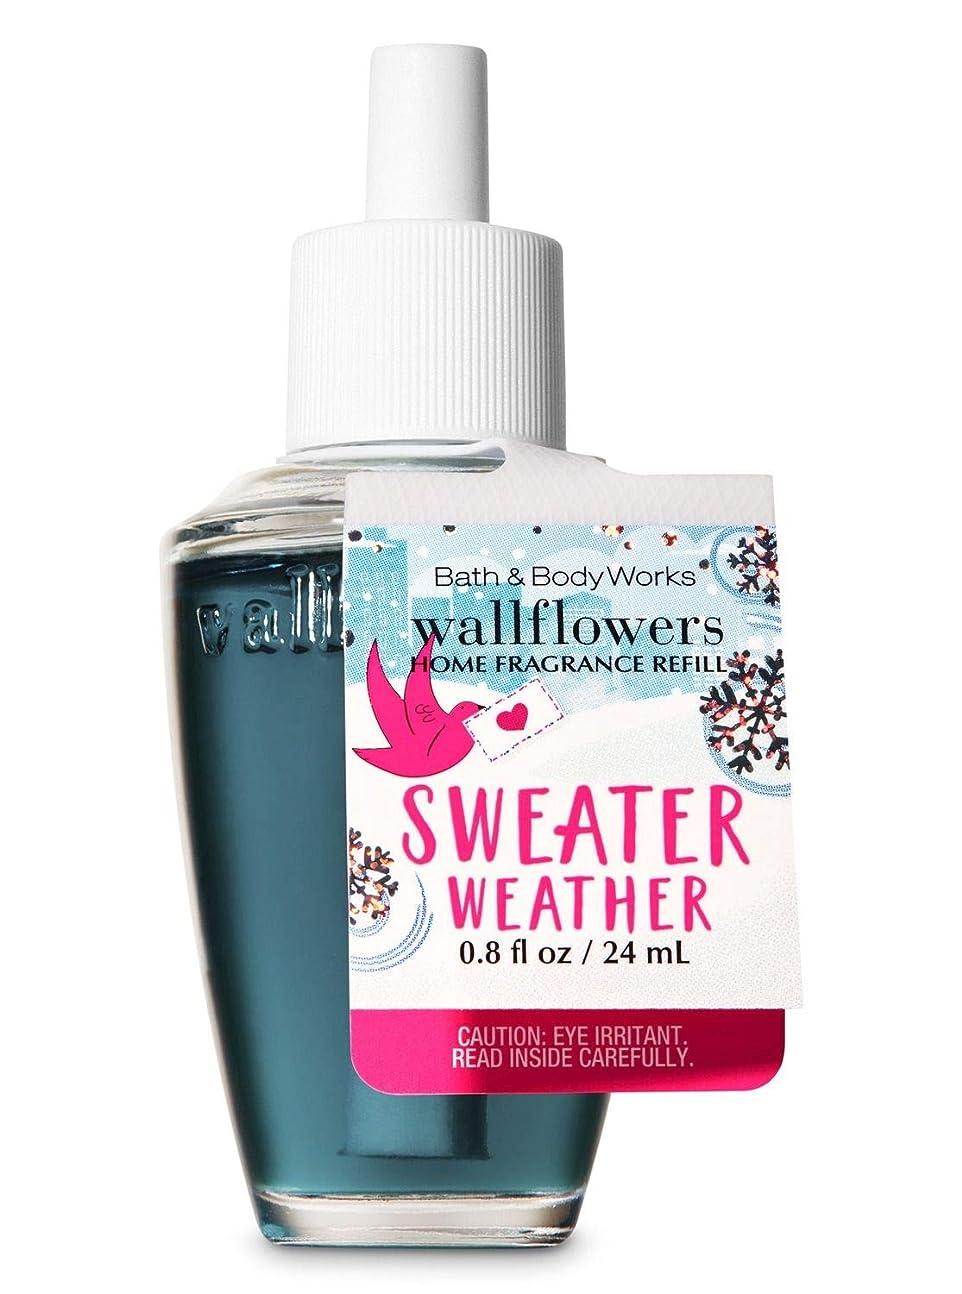 首相ジャニスマインドフル【Bath&Body Works/バス&ボディワークス】 ルームフレグランス 詰替えリフィル スウェターウェザー Wallflowers Home Fragrance Refill Sweater Weather [並行輸入品]